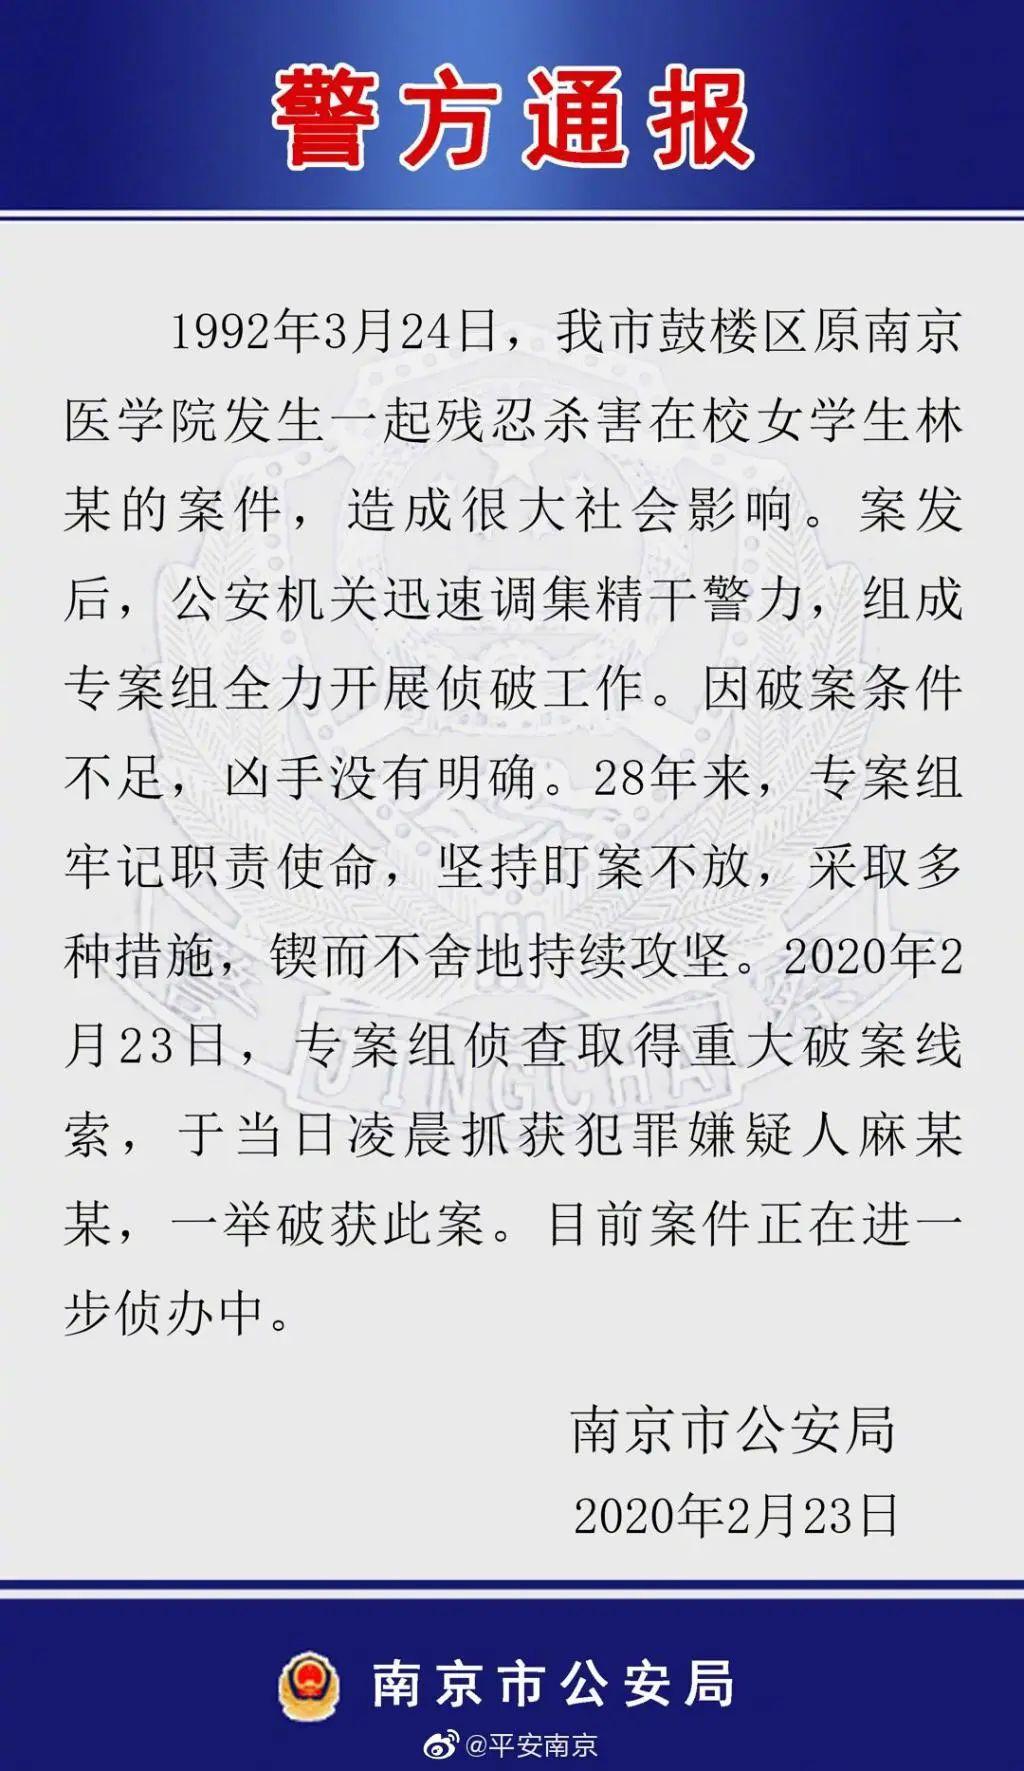 警方通报:28年前原南京医学院在校女生被杀案告破